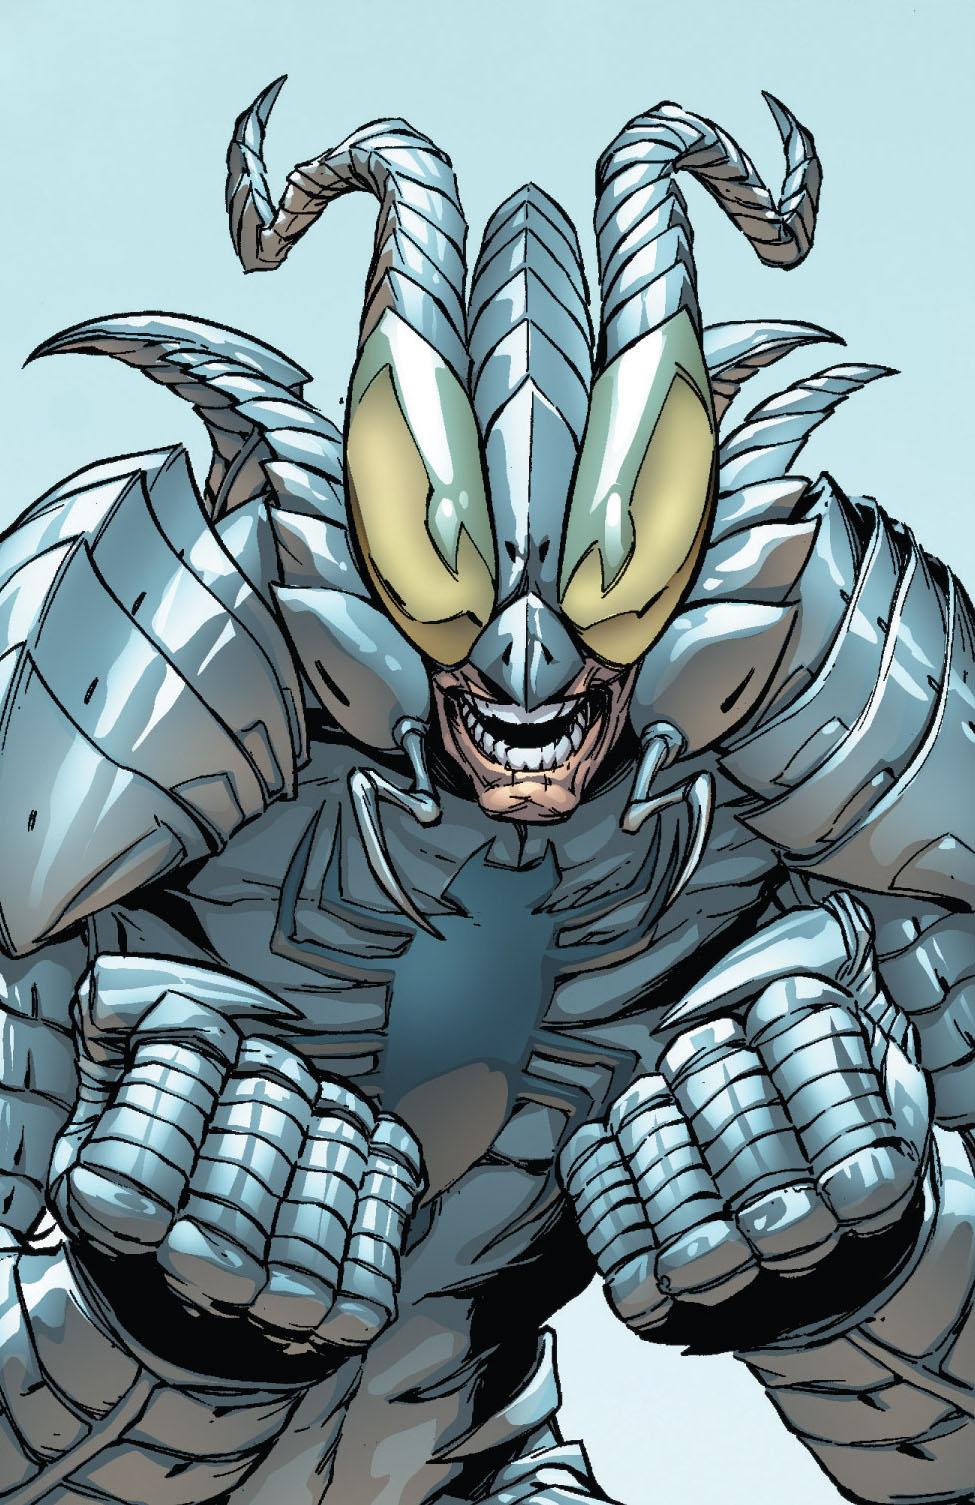 Alistair Smythe (Marvel Comics)